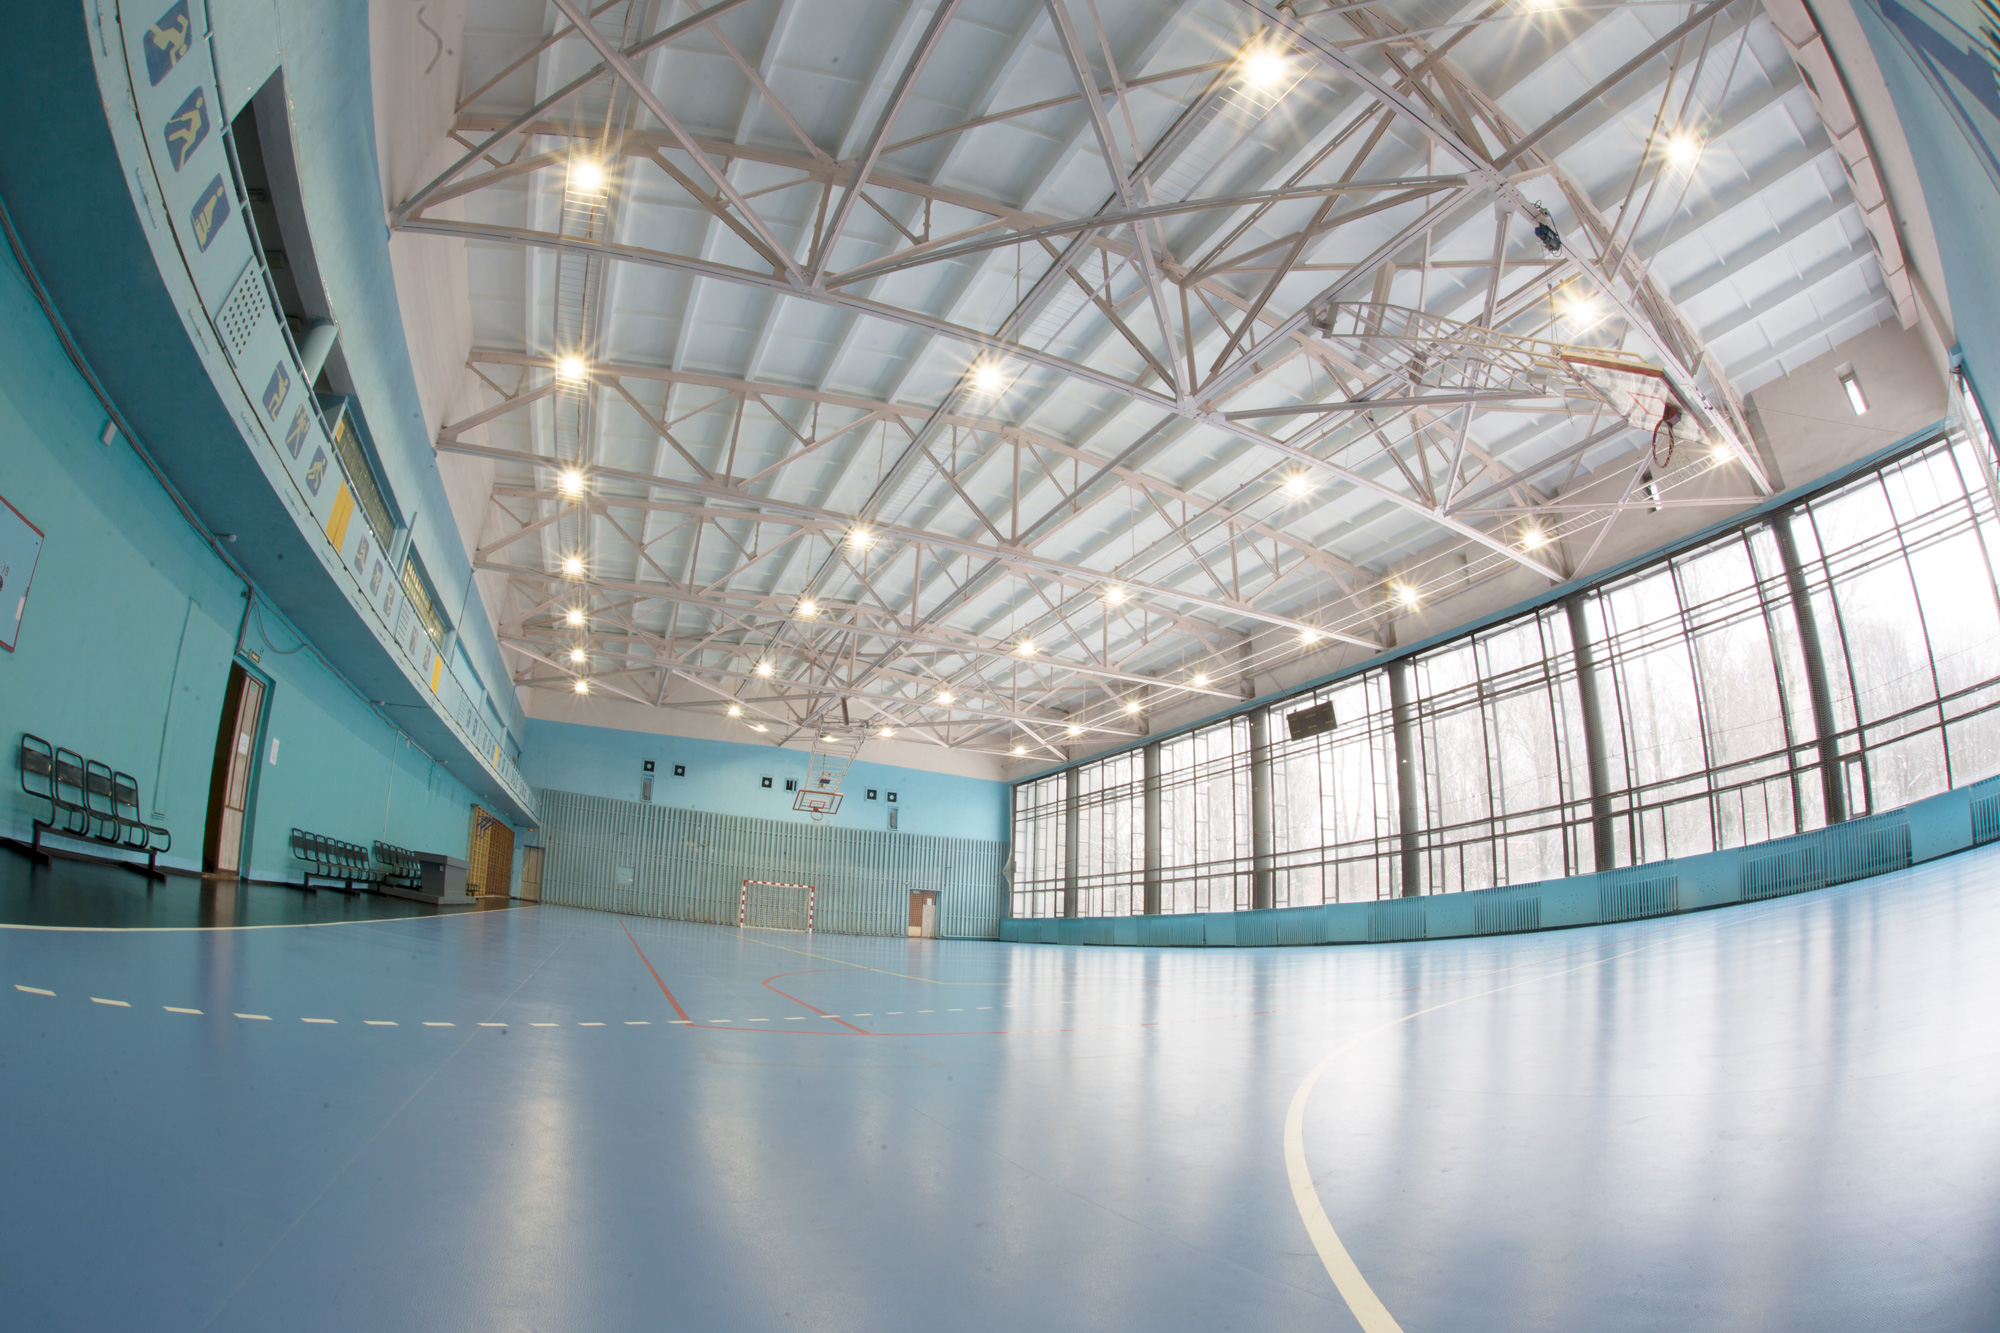 Освещение спортзала в спортивно-оздоровительном комплексе «Звезда»